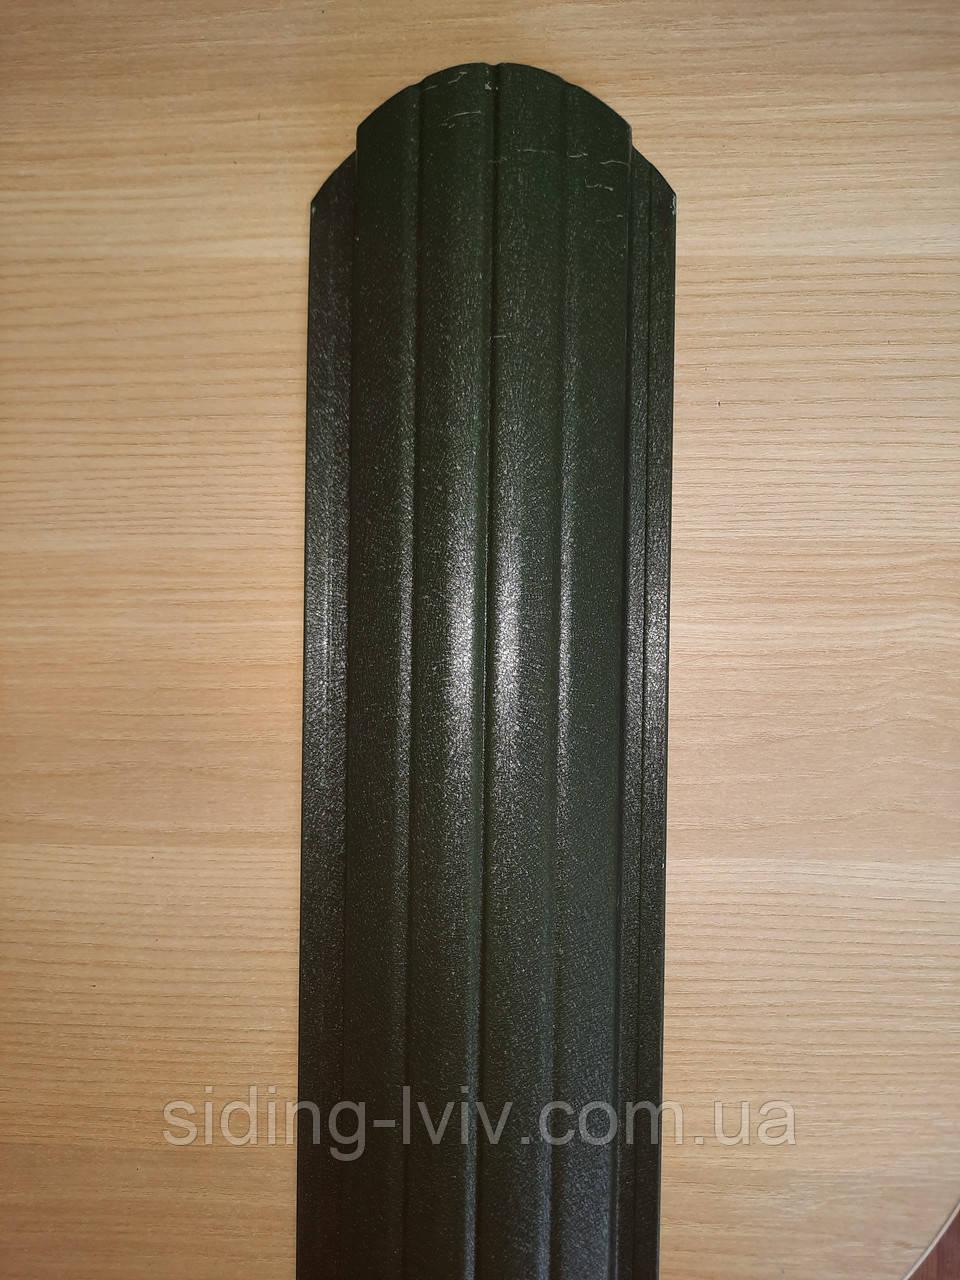 Штахети металеві 105 мм двох сторонній зелений мат (колір темно зелений 6020 мат)